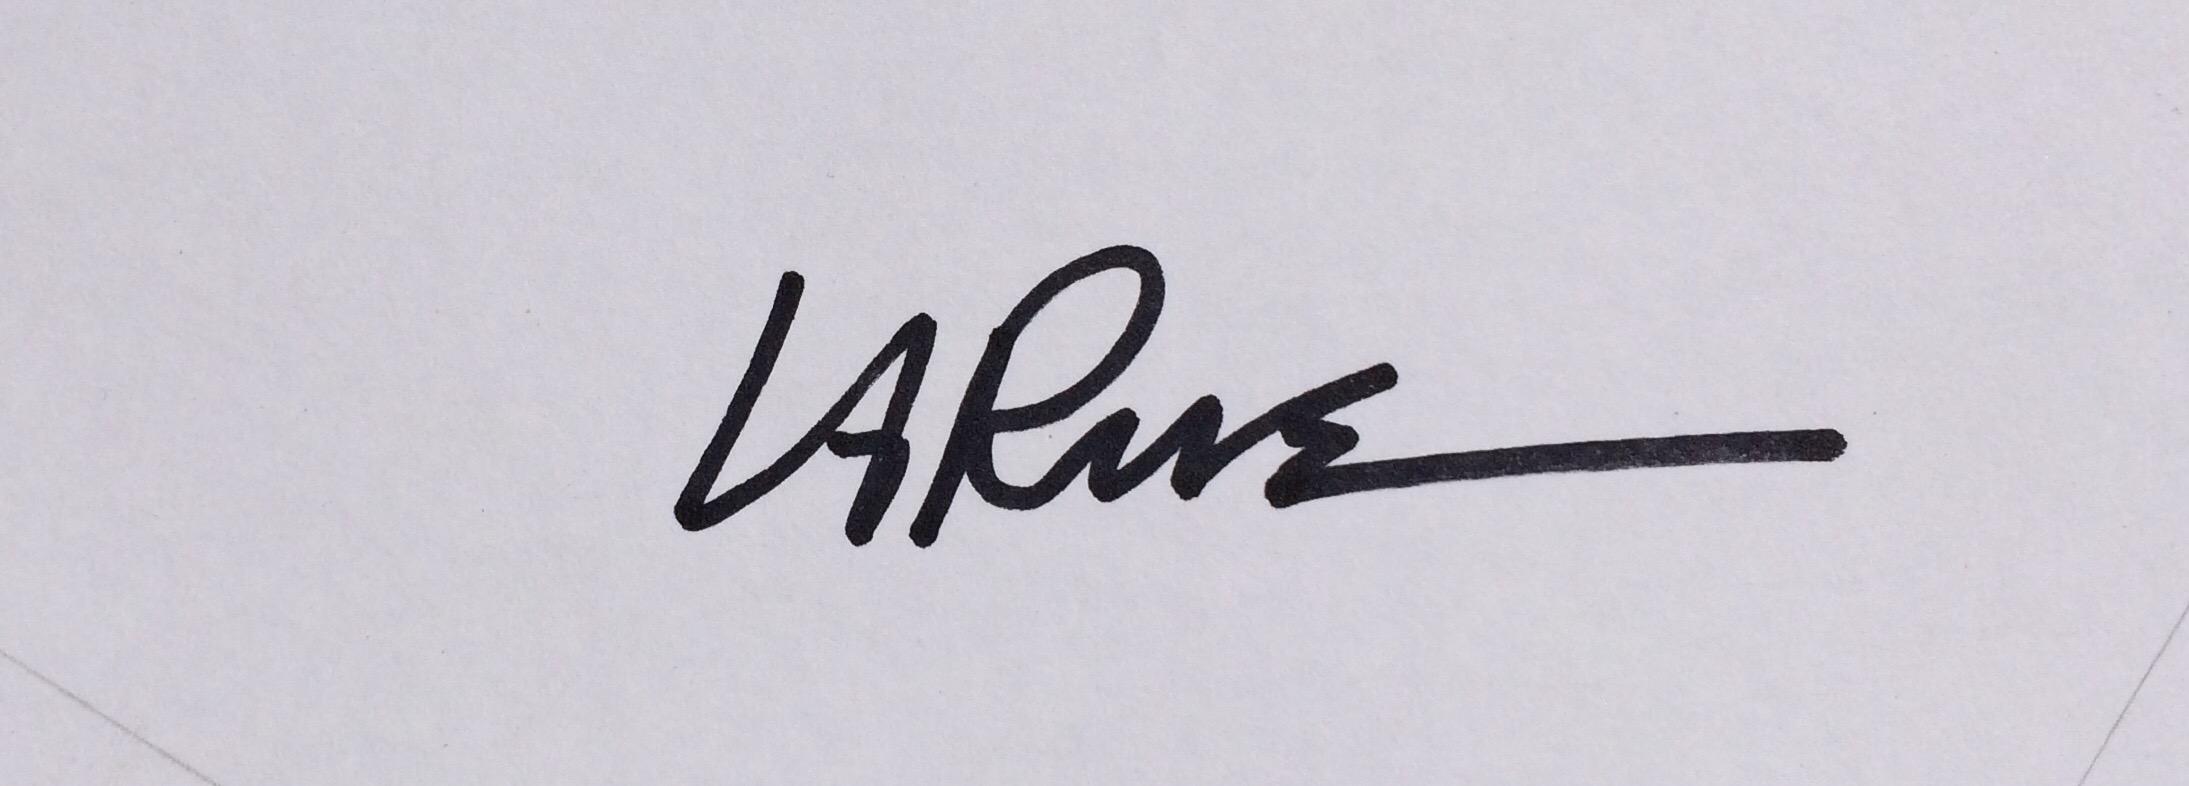 Ron LaRue's Signature